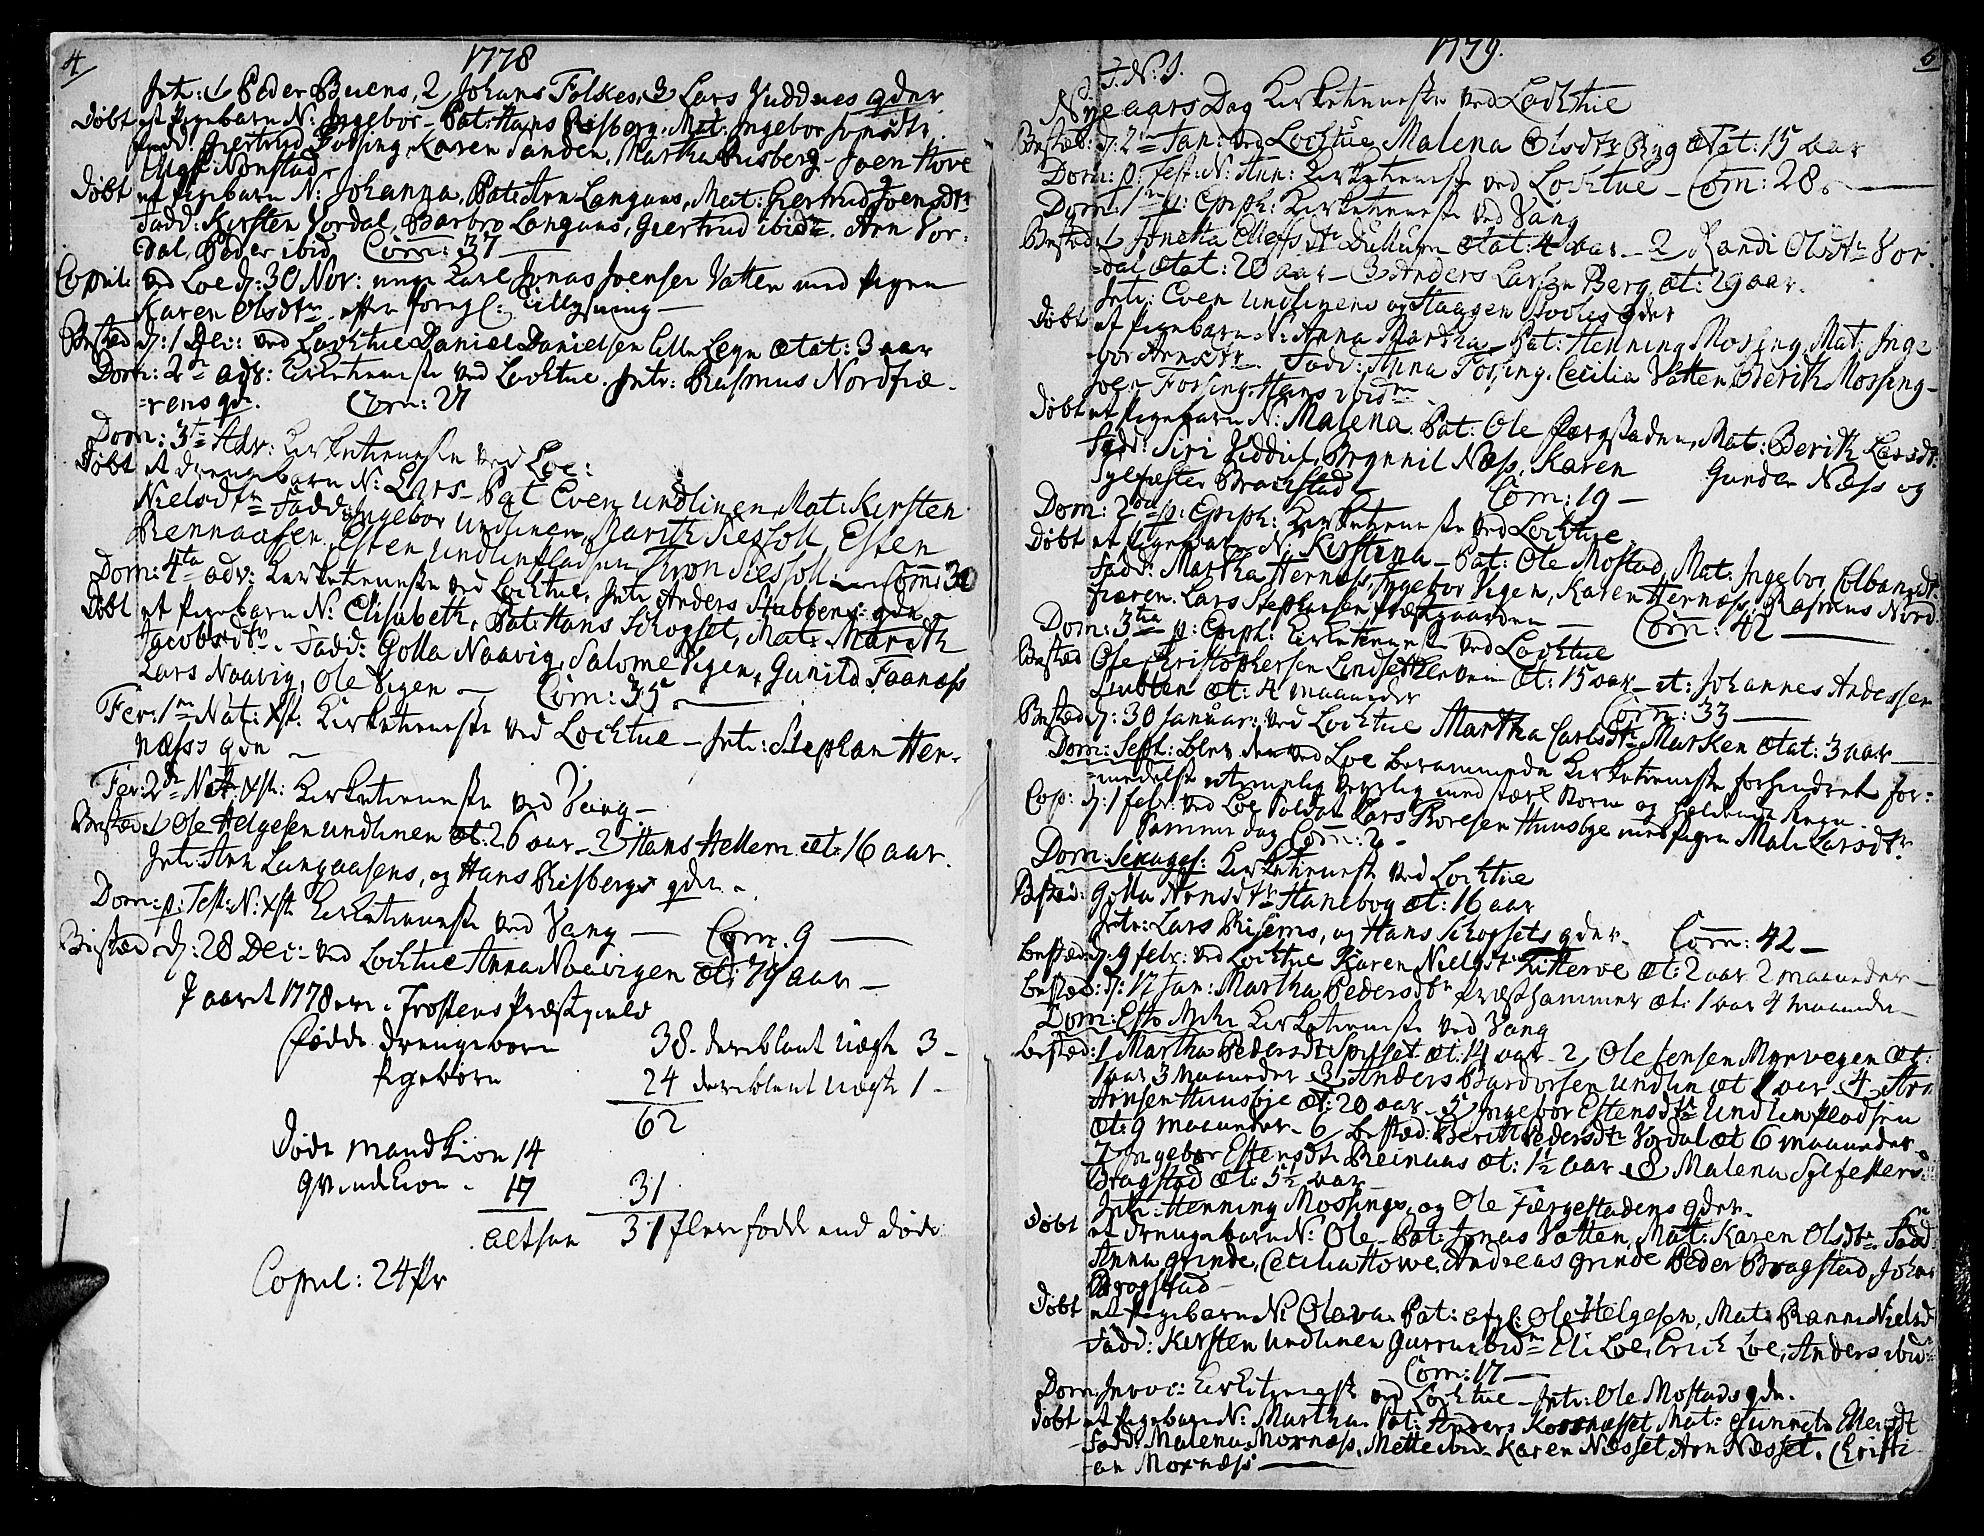 SAT, Ministerialprotokoller, klokkerbøker og fødselsregistre - Nord-Trøndelag, 713/L0110: Ministerialbok nr. 713A02, 1778-1811, s. 4-5